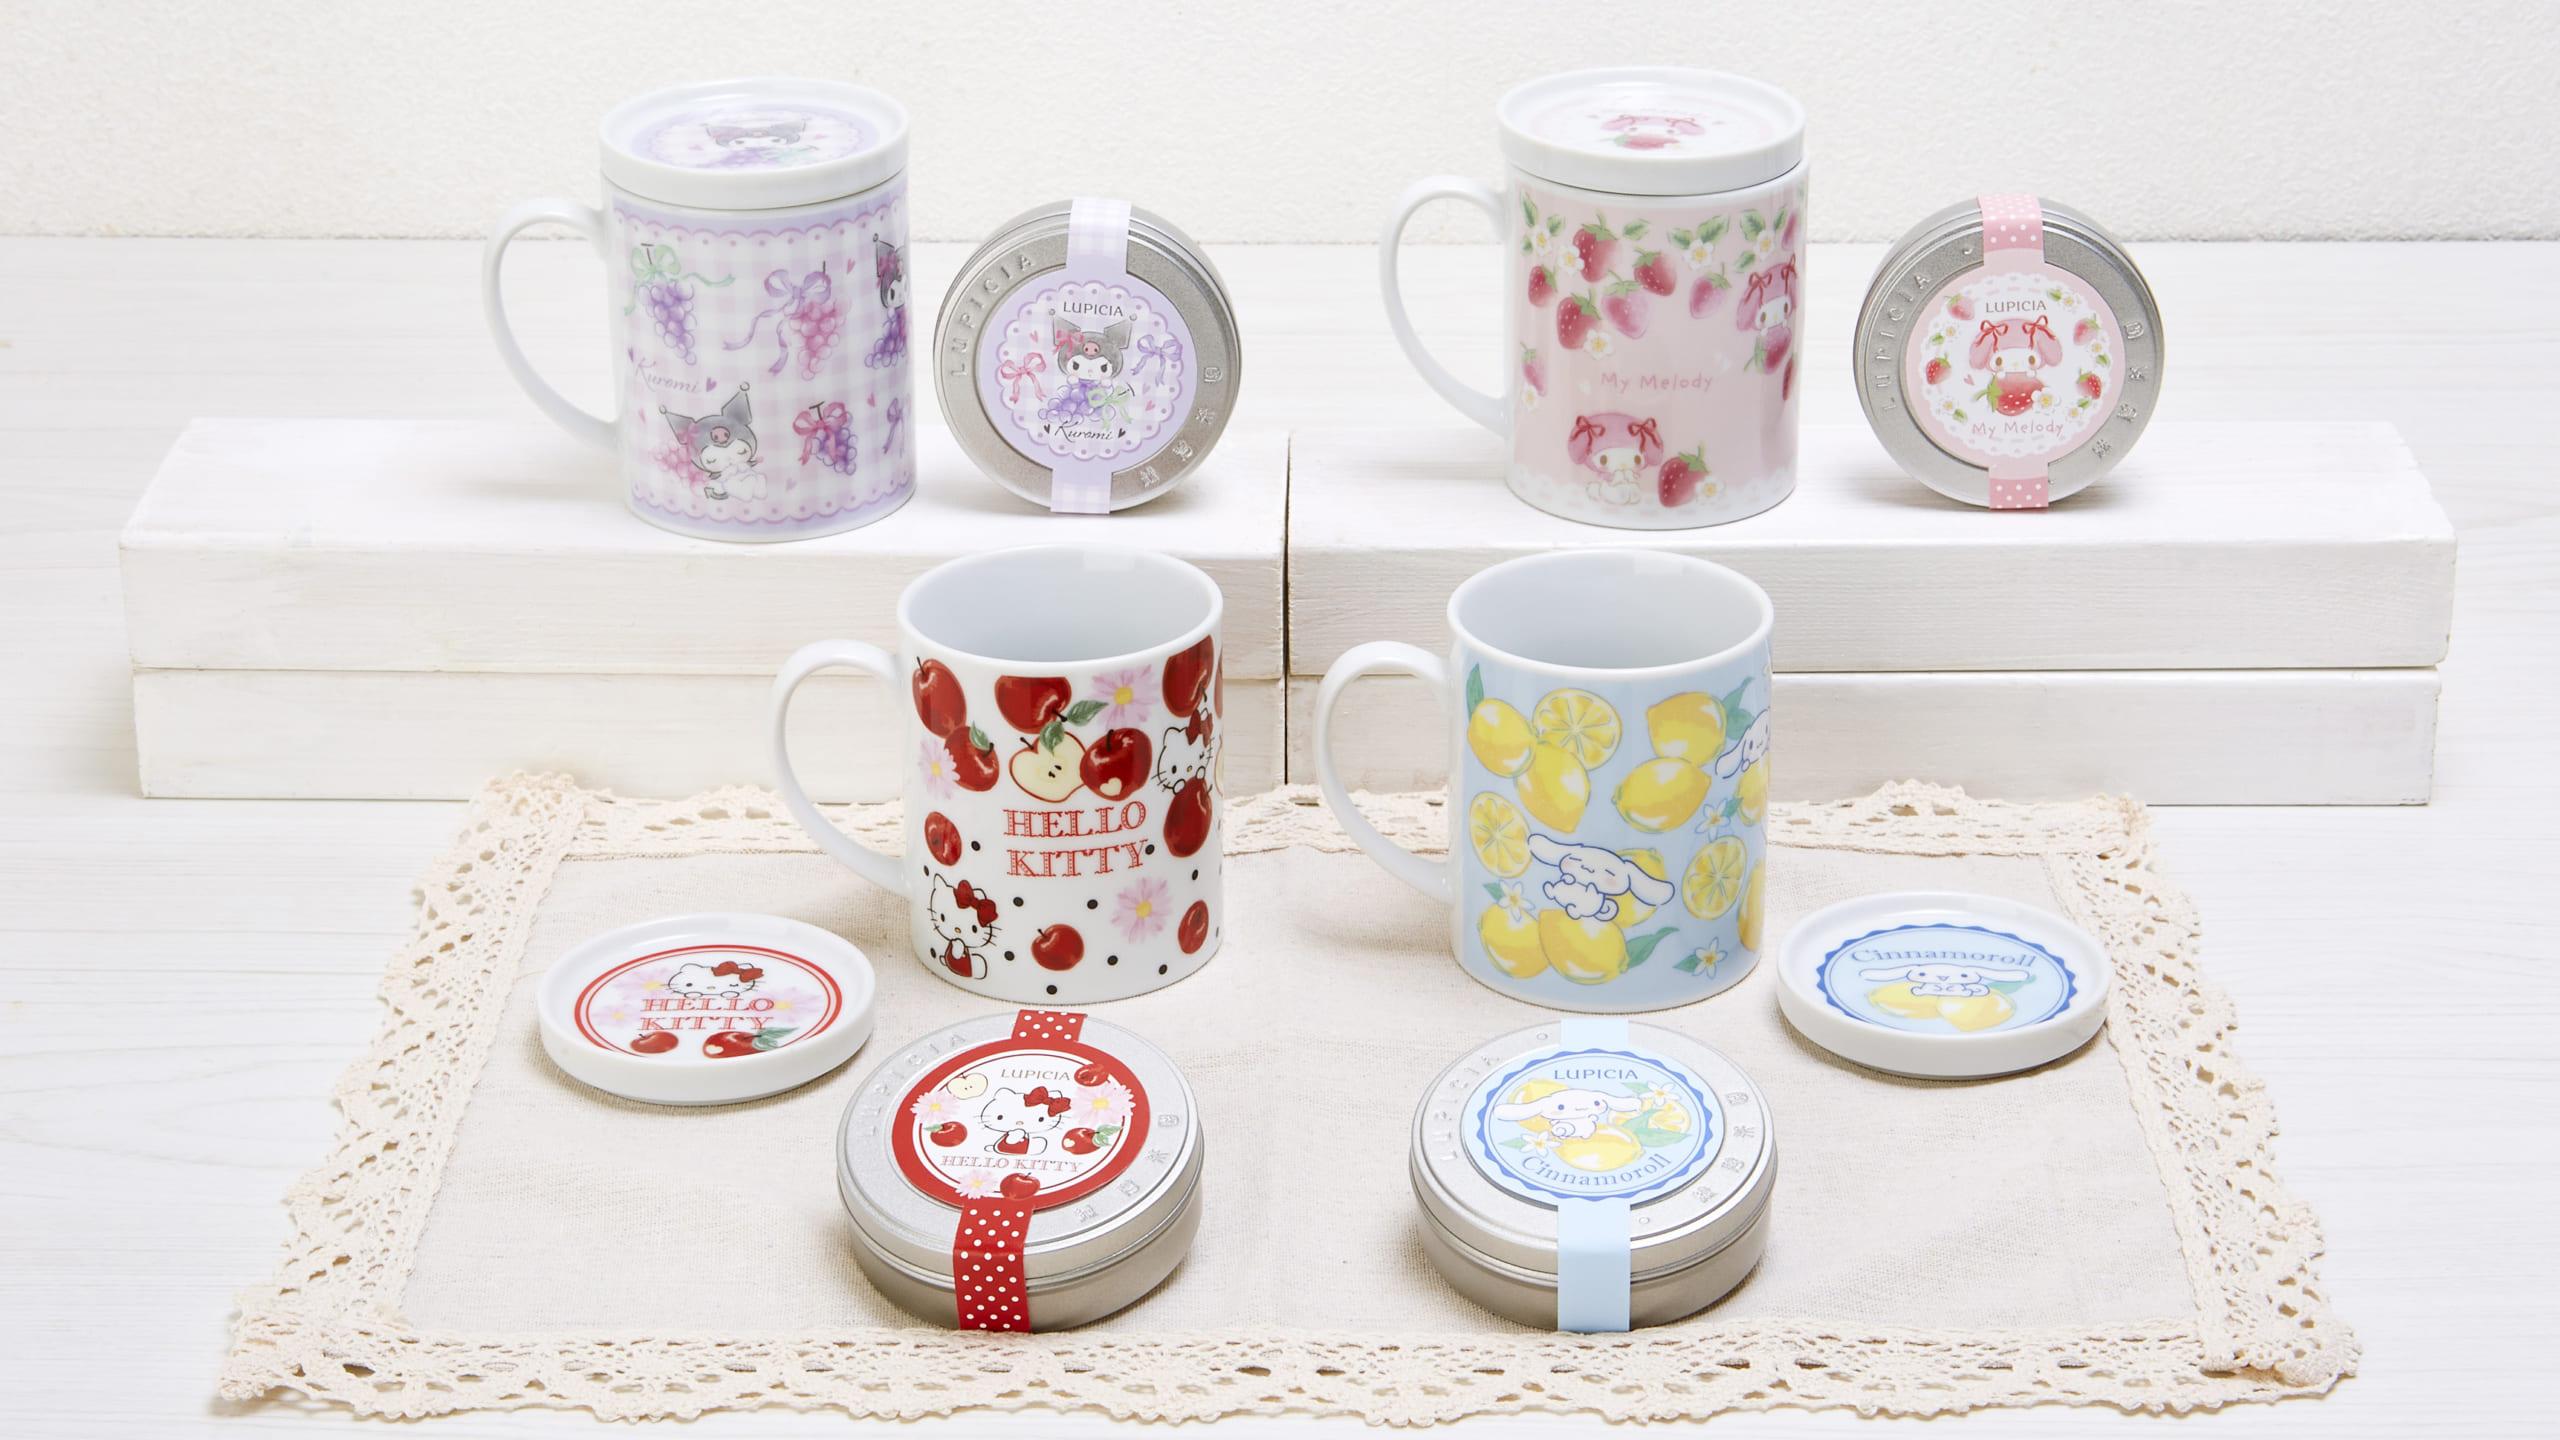 「サンリオ」×世界のお茶専門店「LUPICIA」紅茶ギフトセットが登場!フルーツの紅茶&蓋つきマグカップのセット